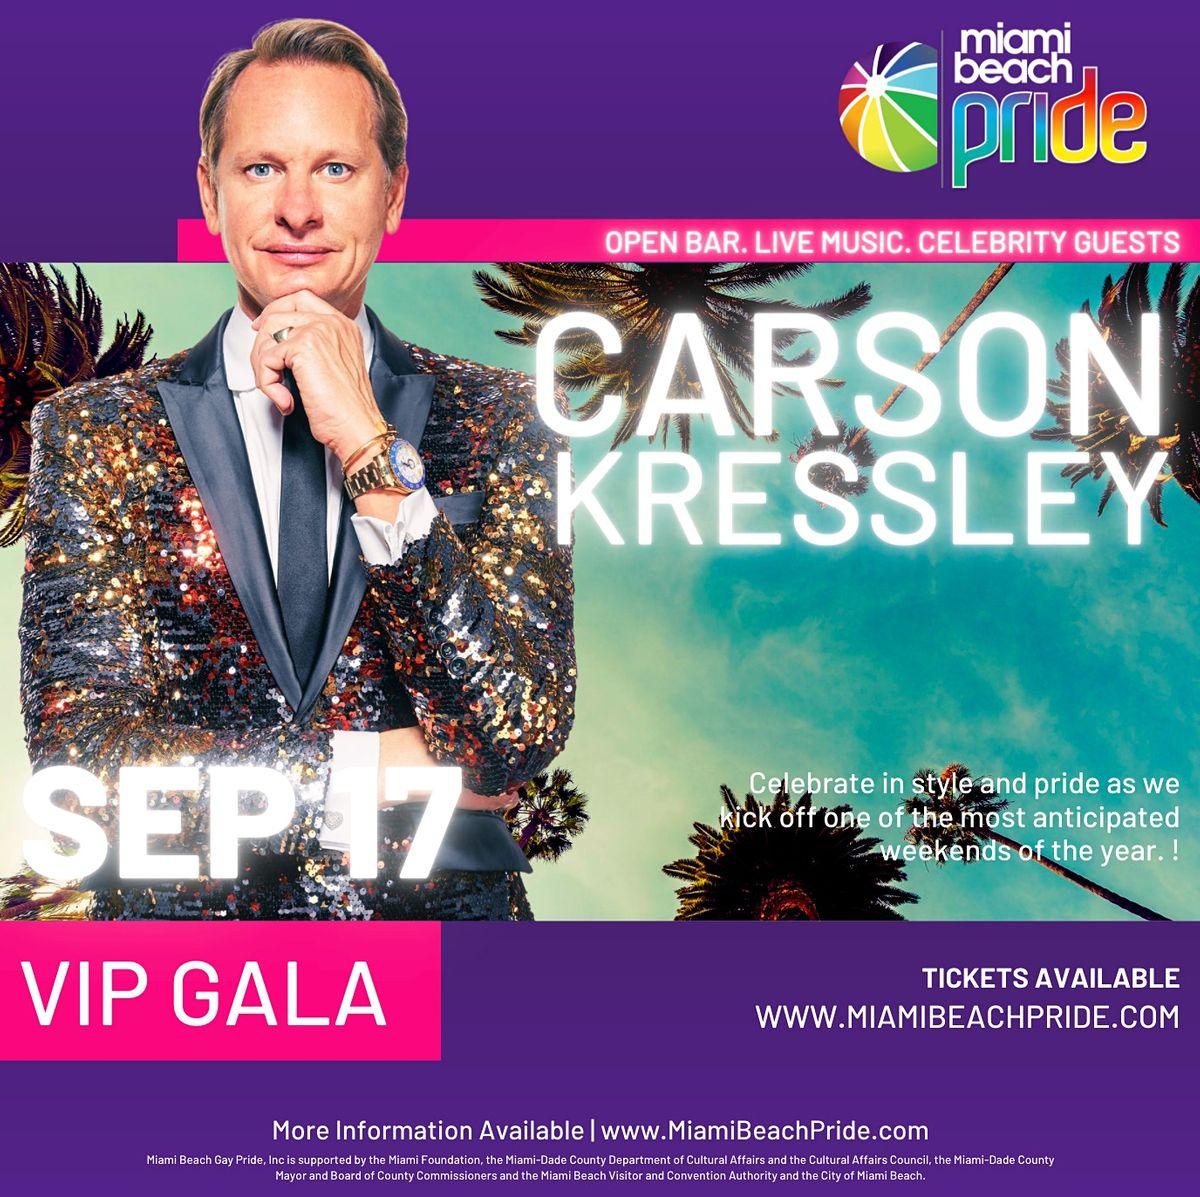 Miami Beach Pride VIP Gala